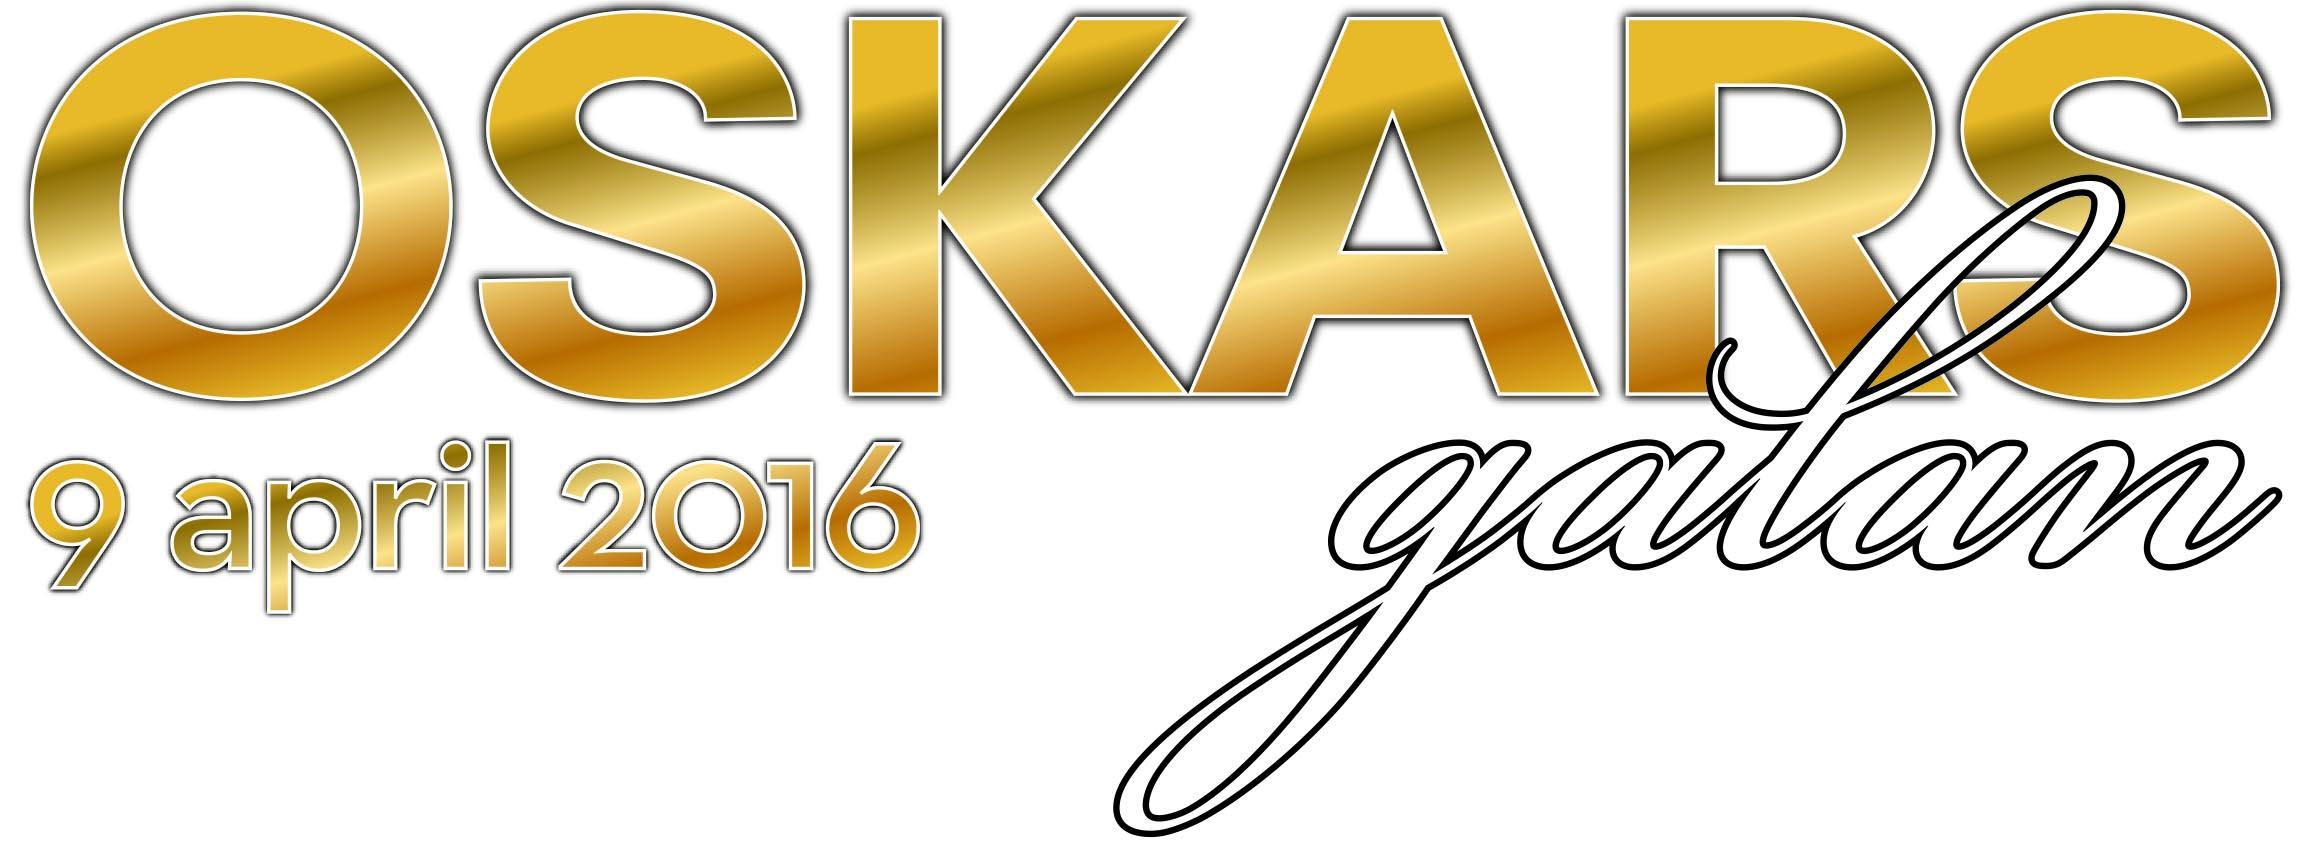 Logotyp för Oskarsgalan 2016.